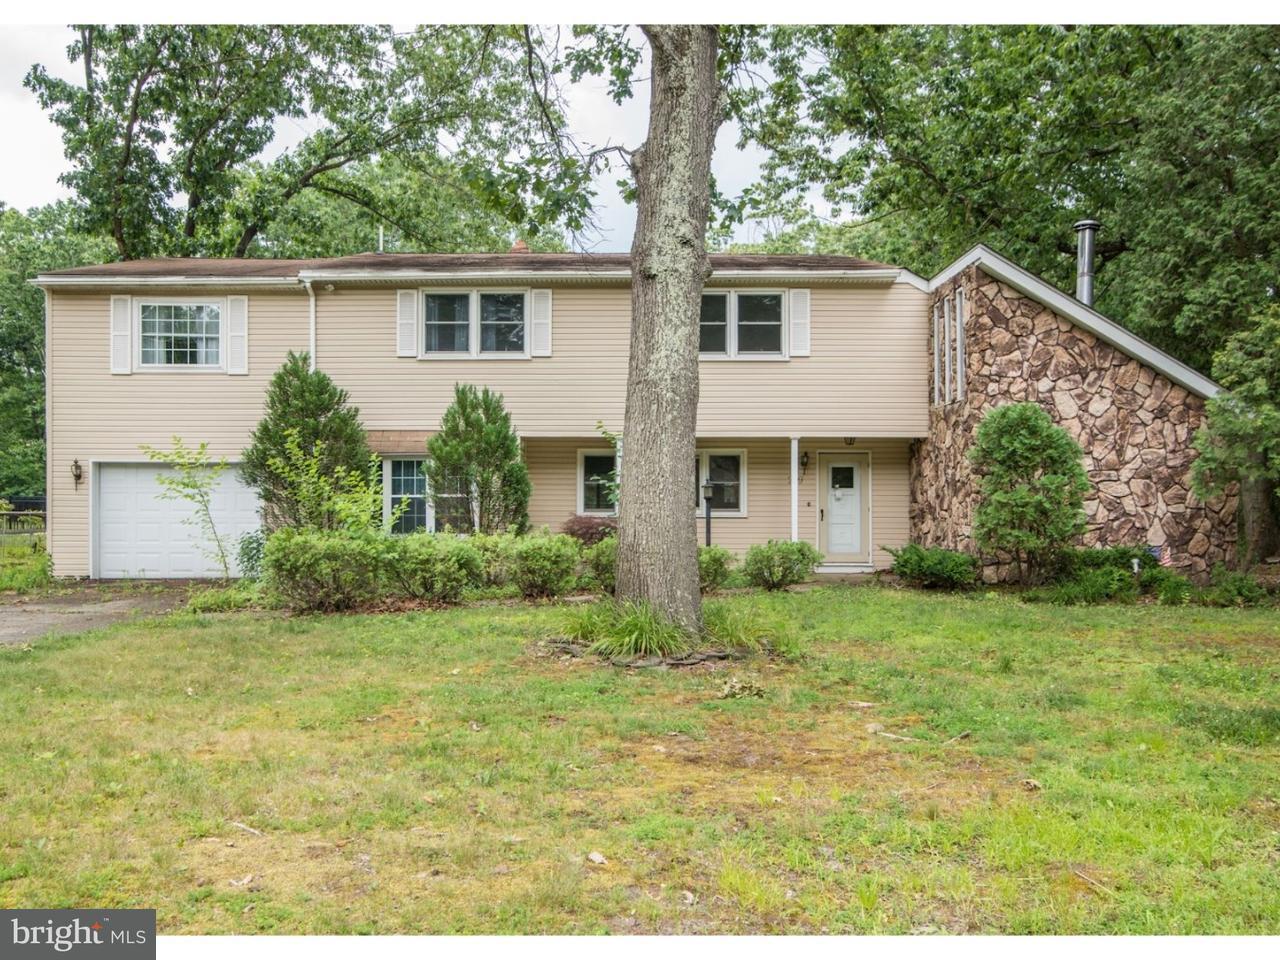 Maison unifamiliale pour l Vente à 209 BASS Road Marlton, New Jersey 08053 États-Unis